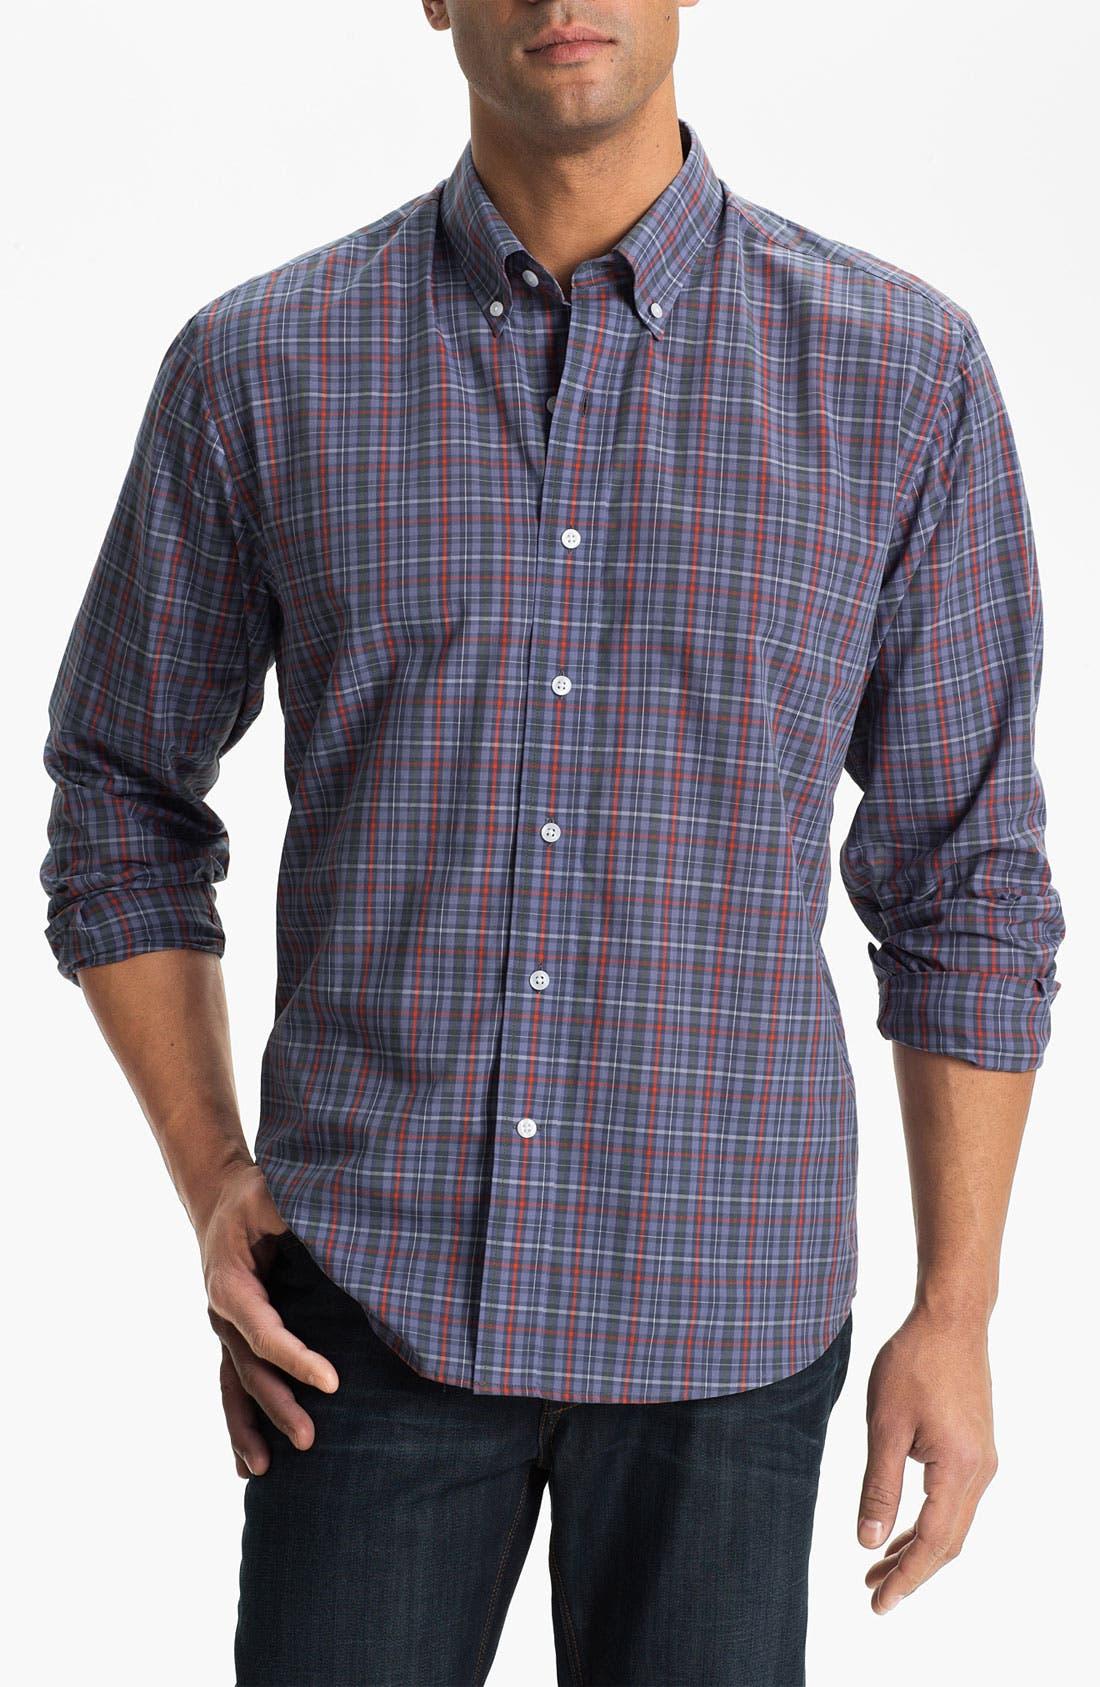 Alternate Image 1 Selected - Cutter & Buck 'Kent Plaid' Regular Fit Sport Shirt (Online Only)